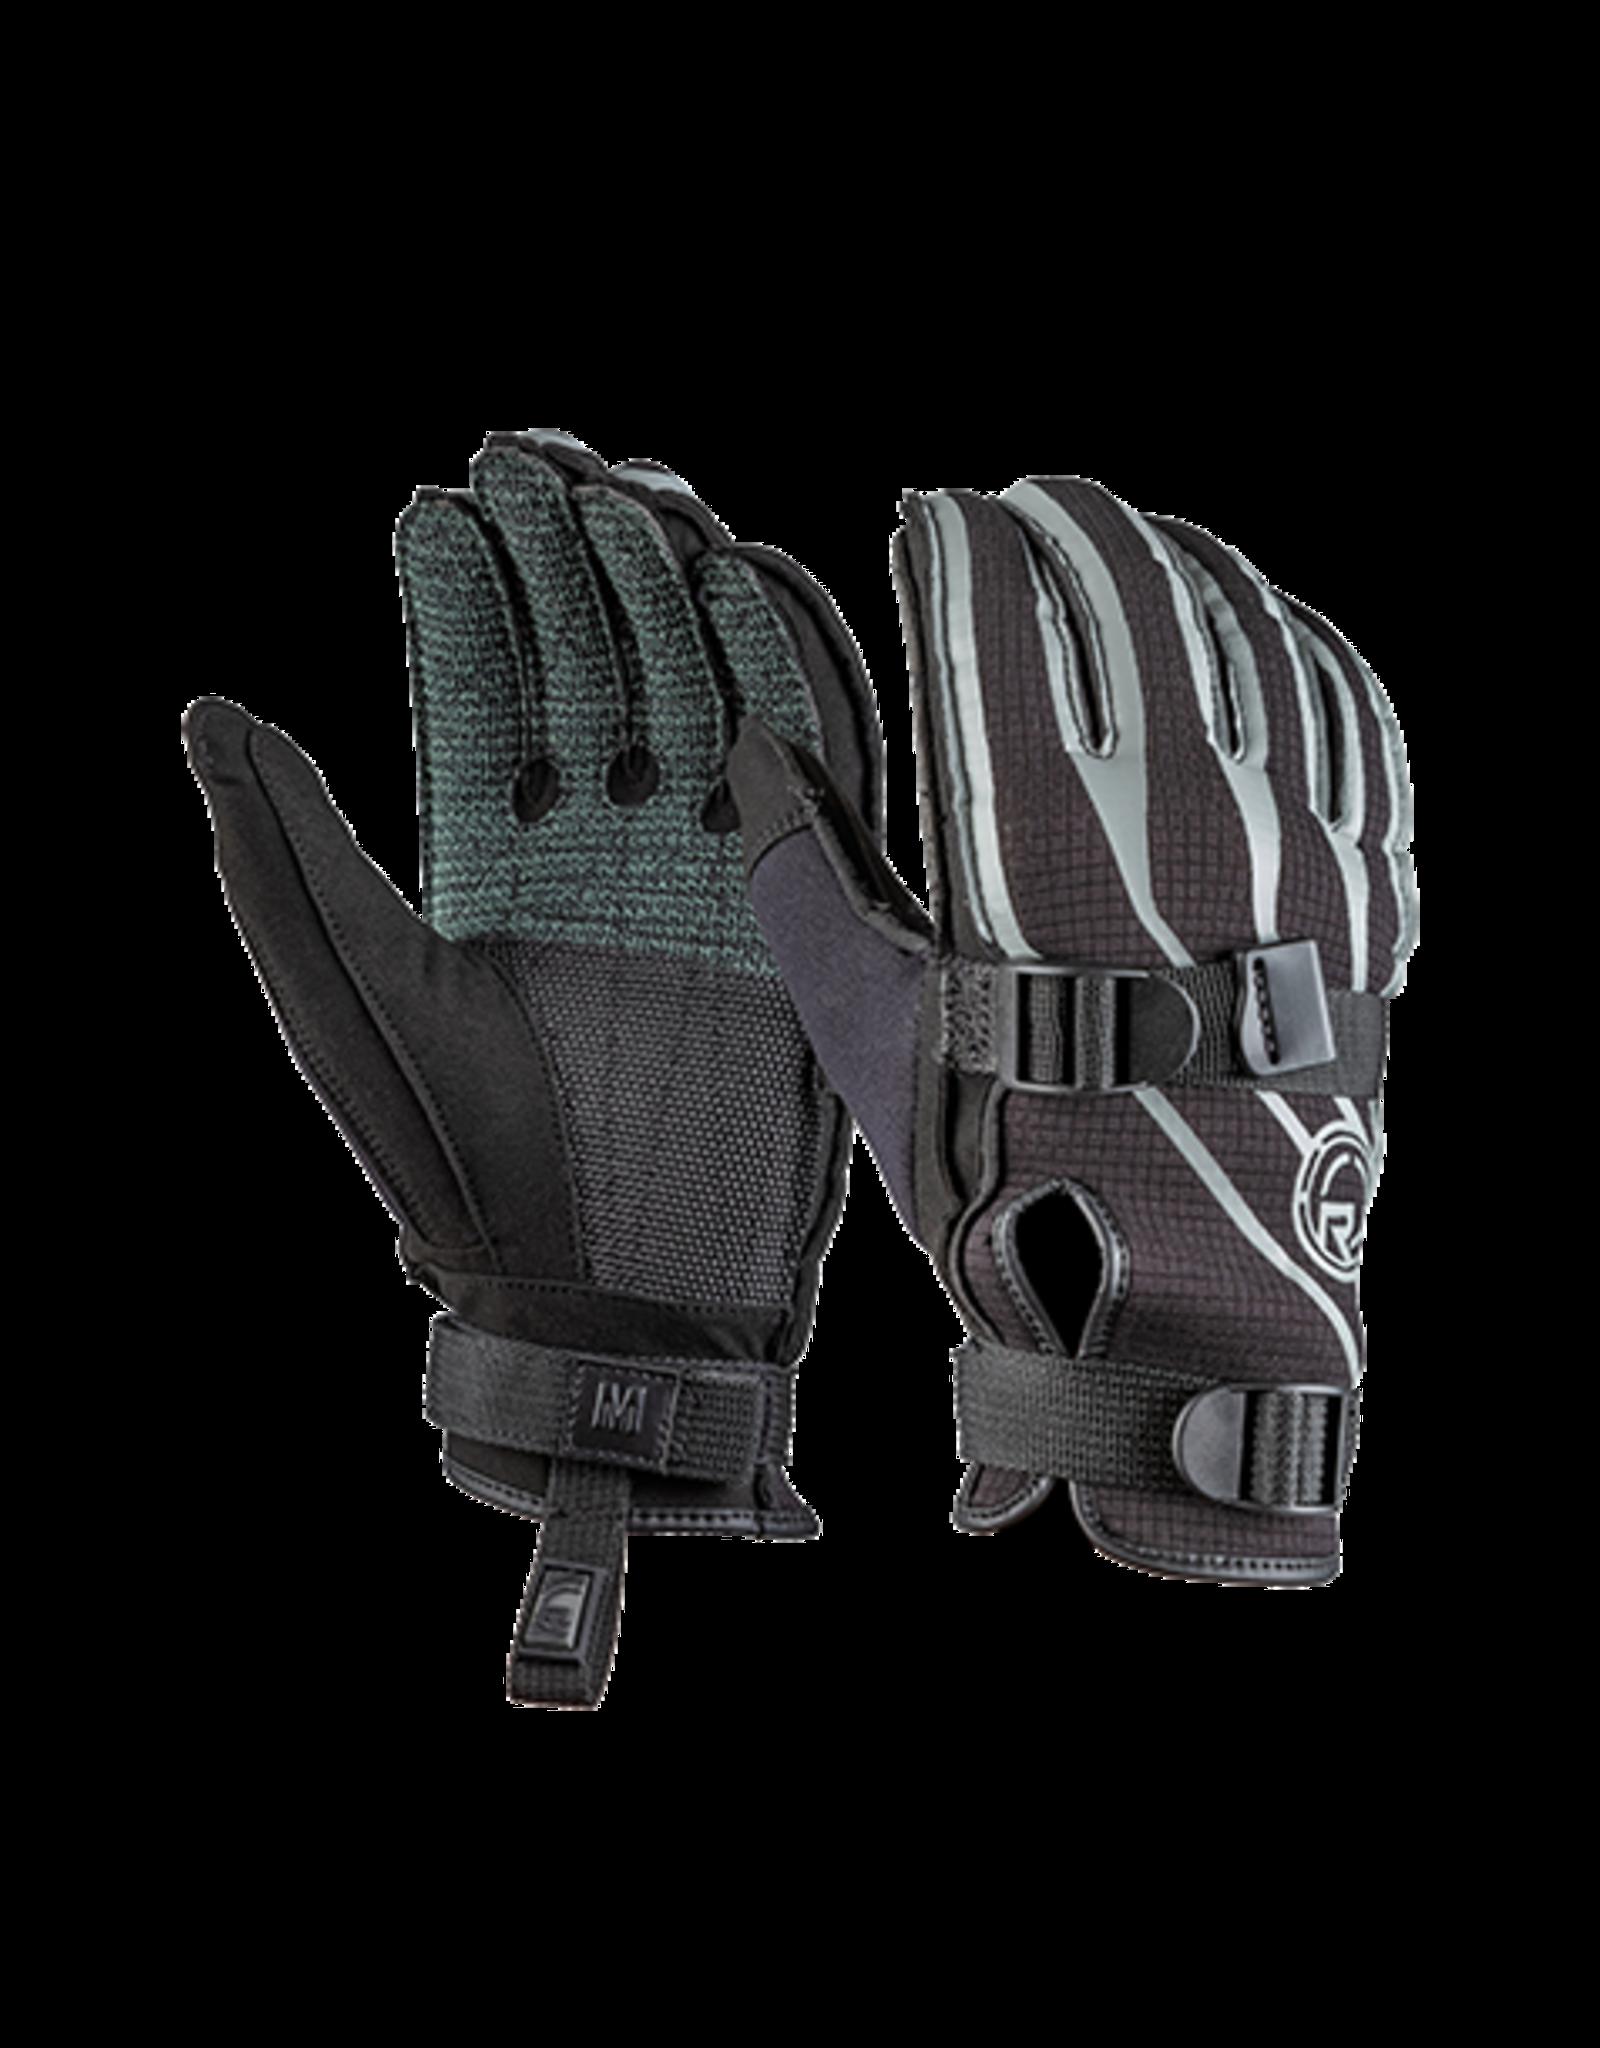 Radar Ergo-K Inside Out Glove